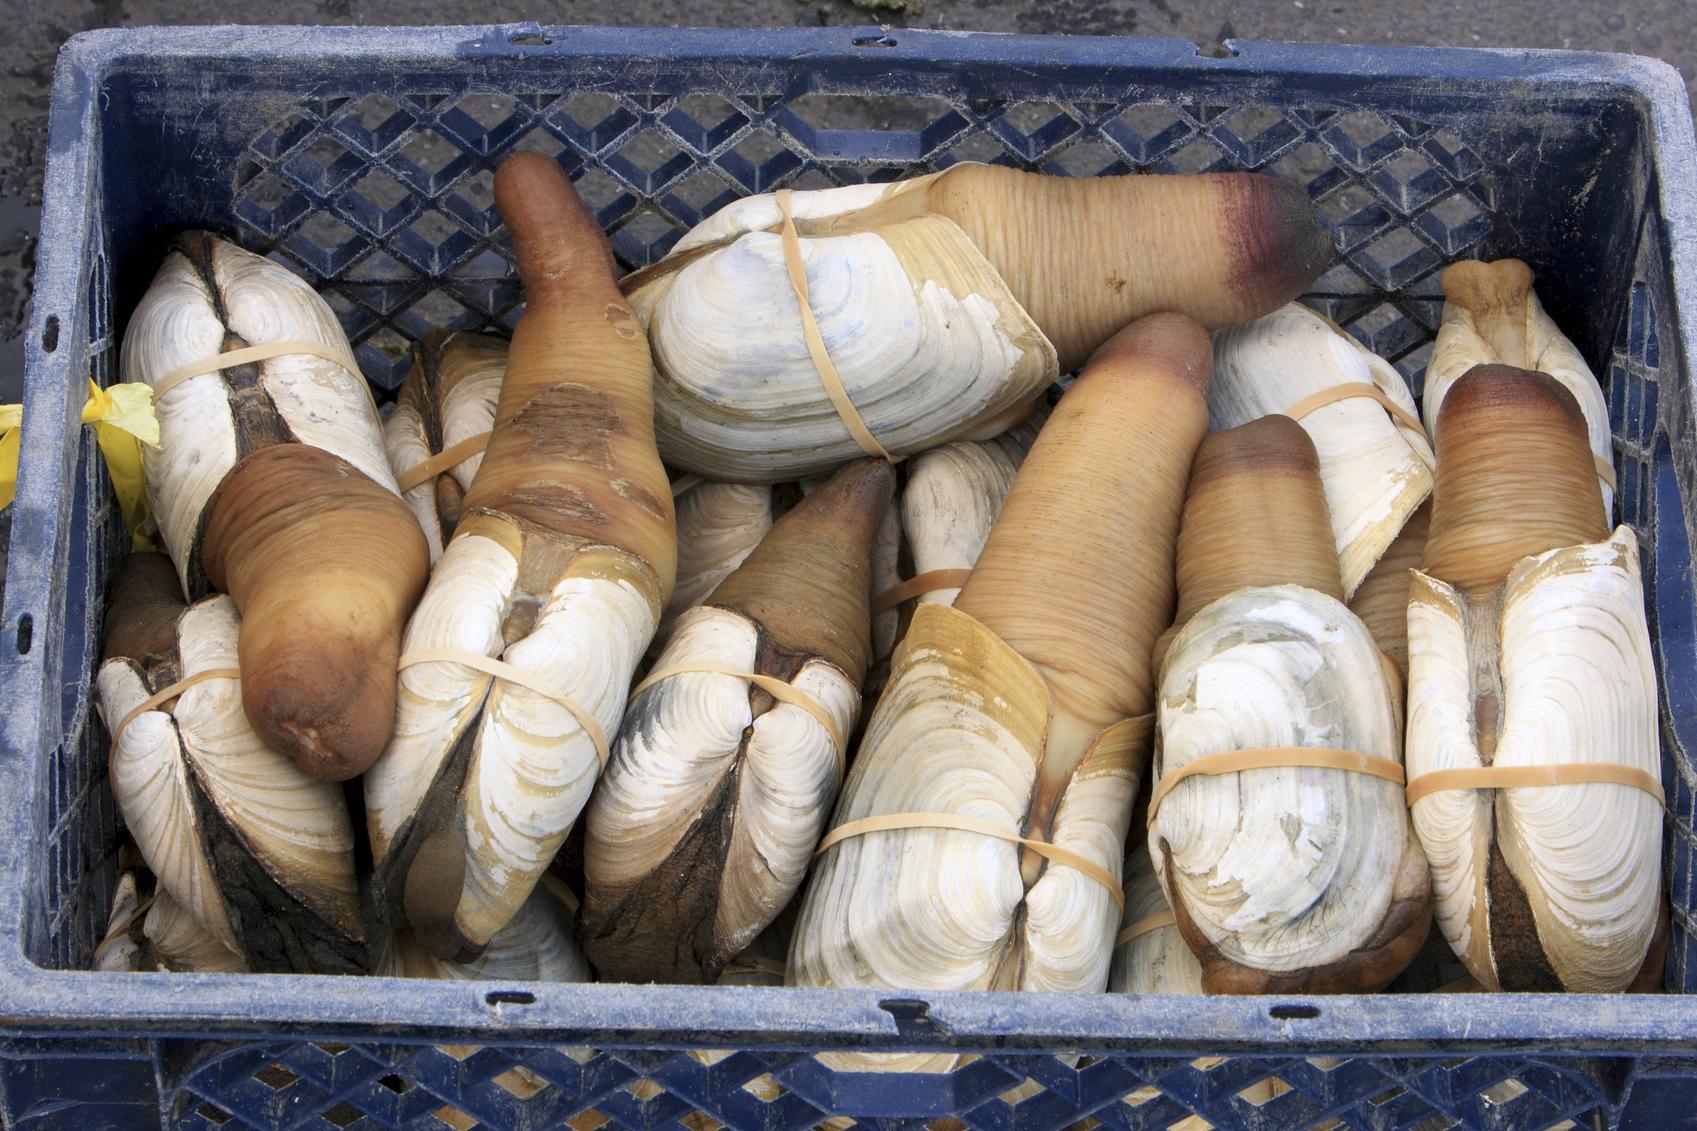 Le panope, l'étrange mollusque que les connaisseurs s'arrachent - Cuisine / Madame Figaro